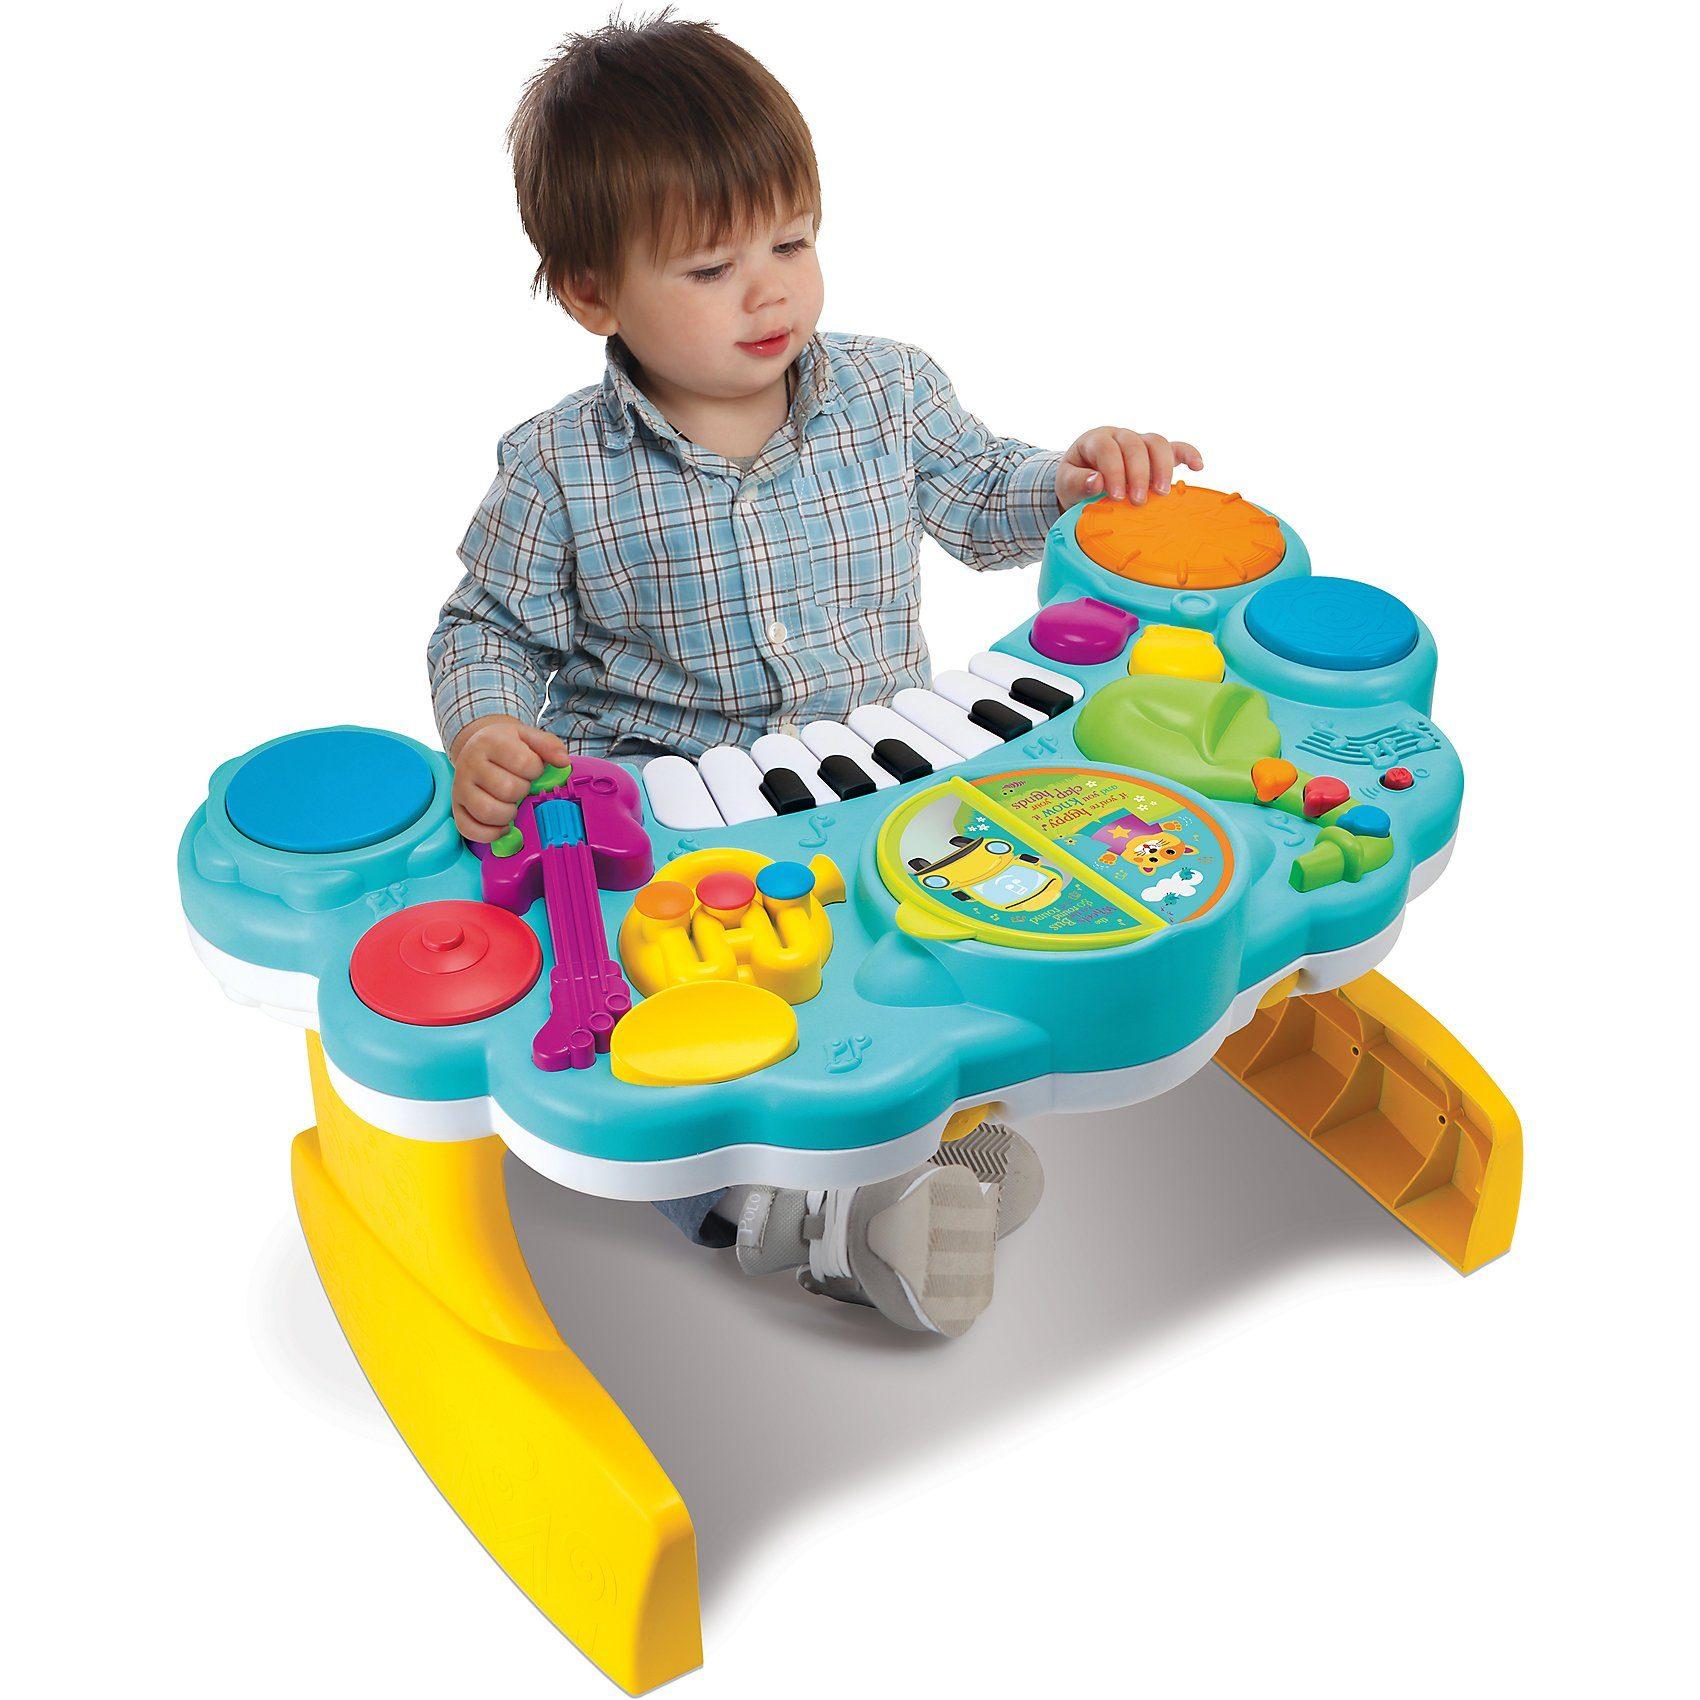 Infantino BKids Musikspielzeug 10 in 1